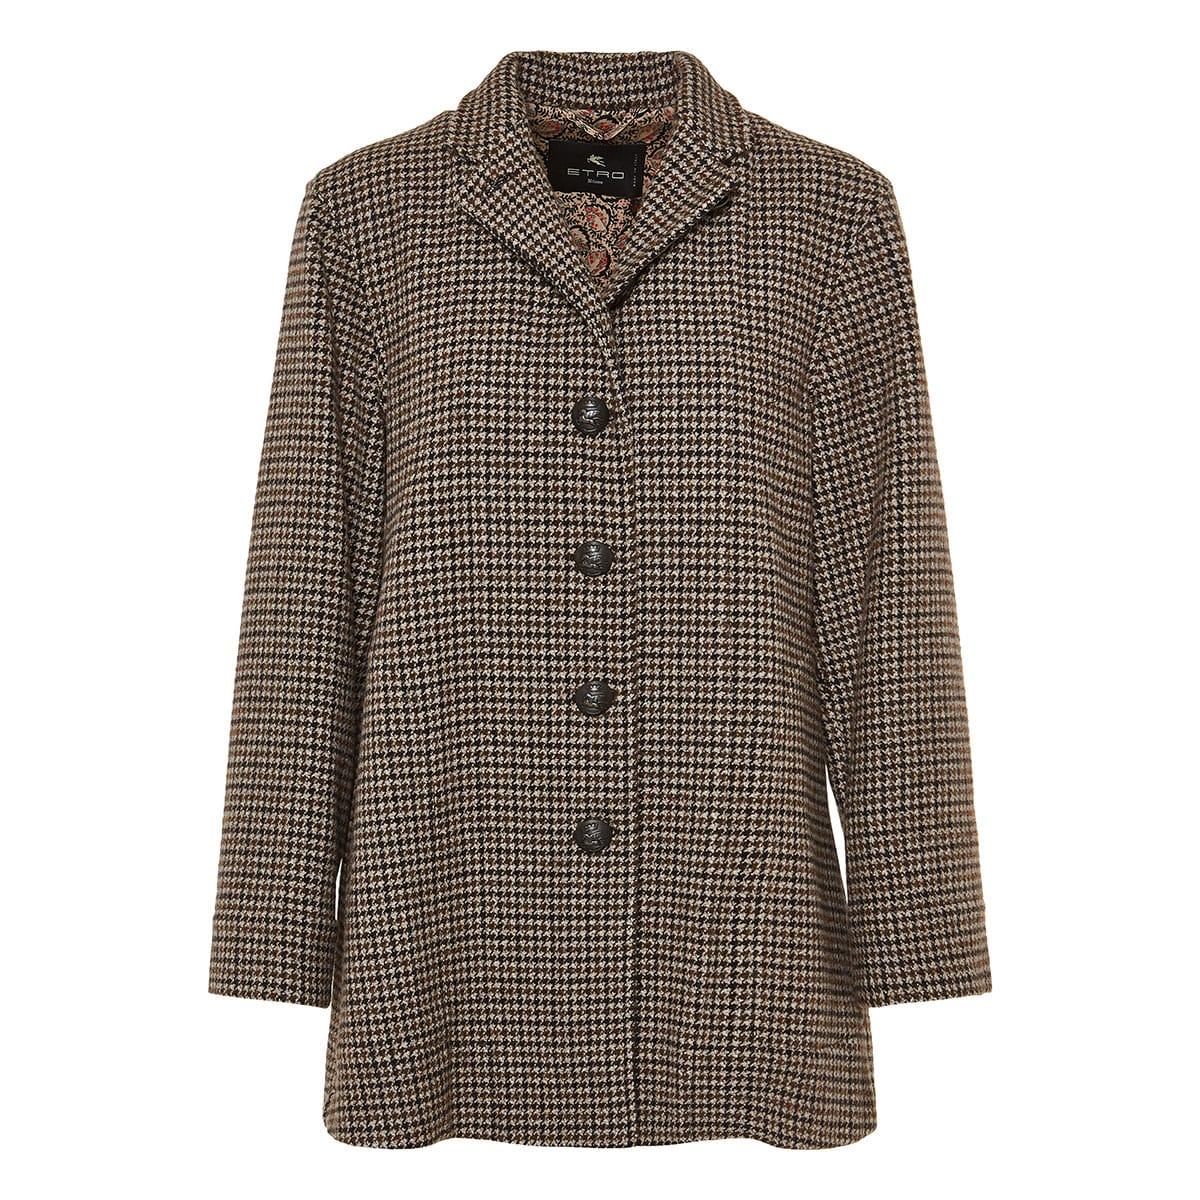 Houndstooth wool coat